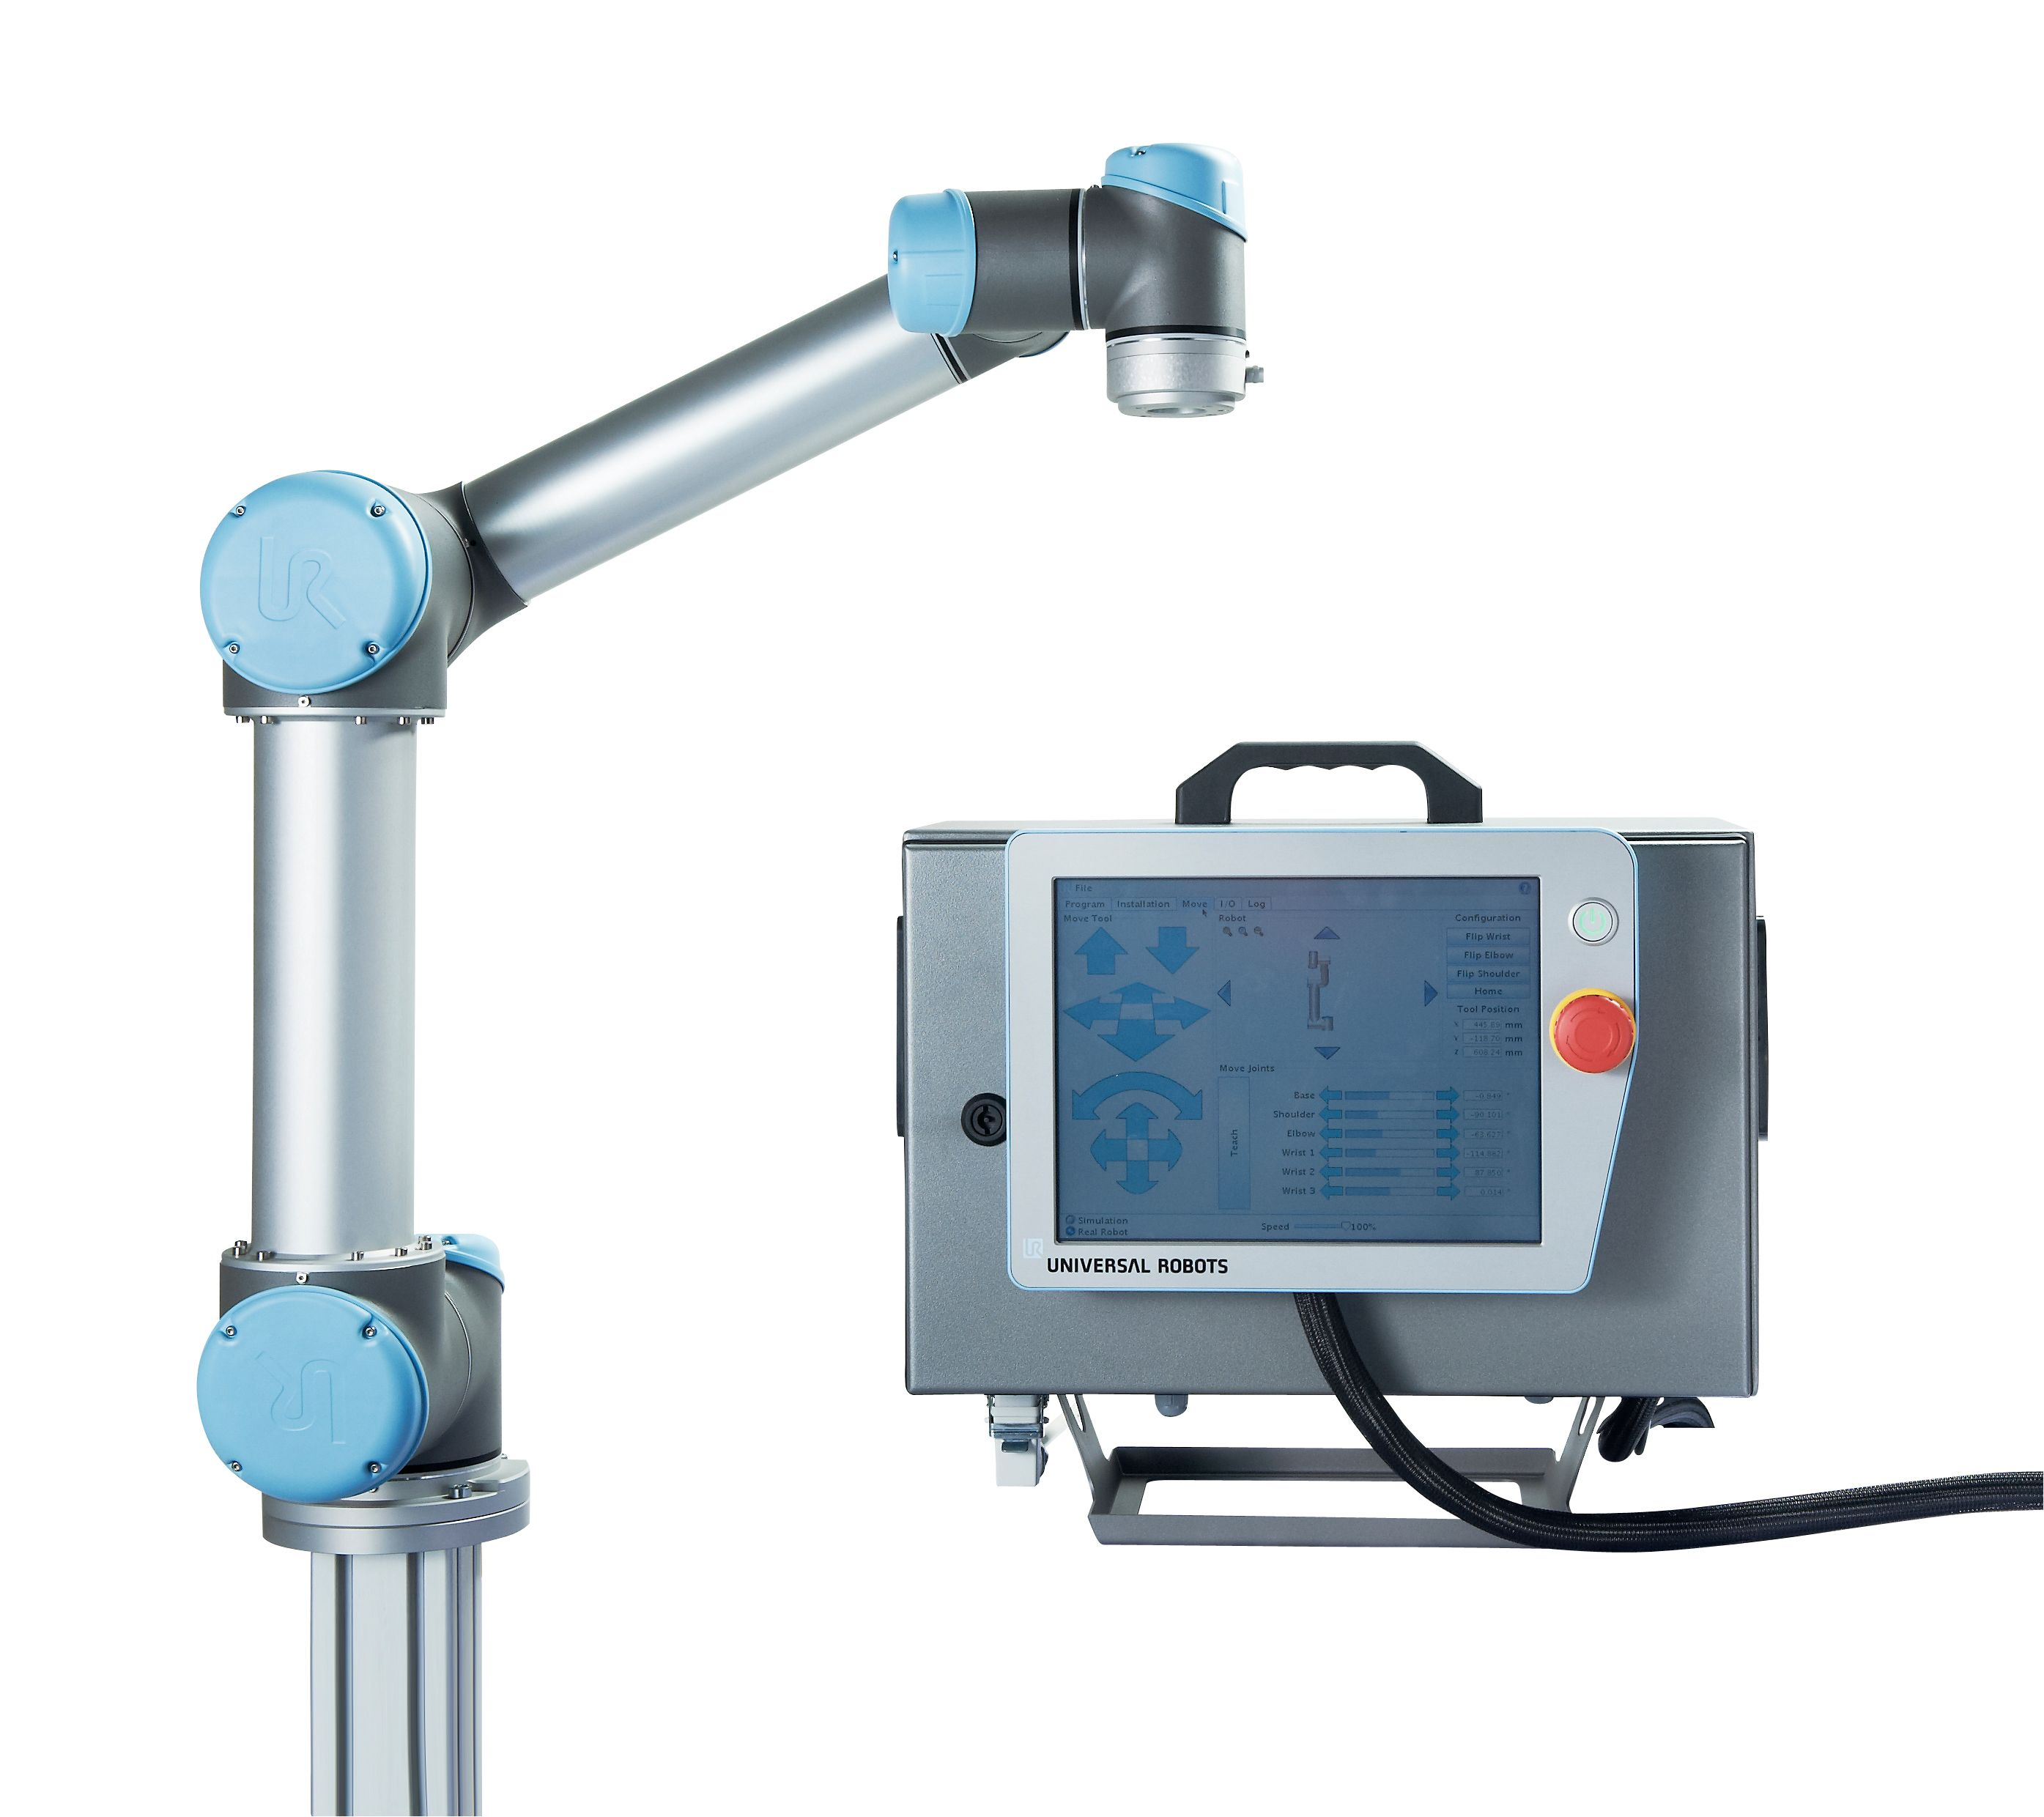 Nowa generacja lekkich robotów Universal Robots